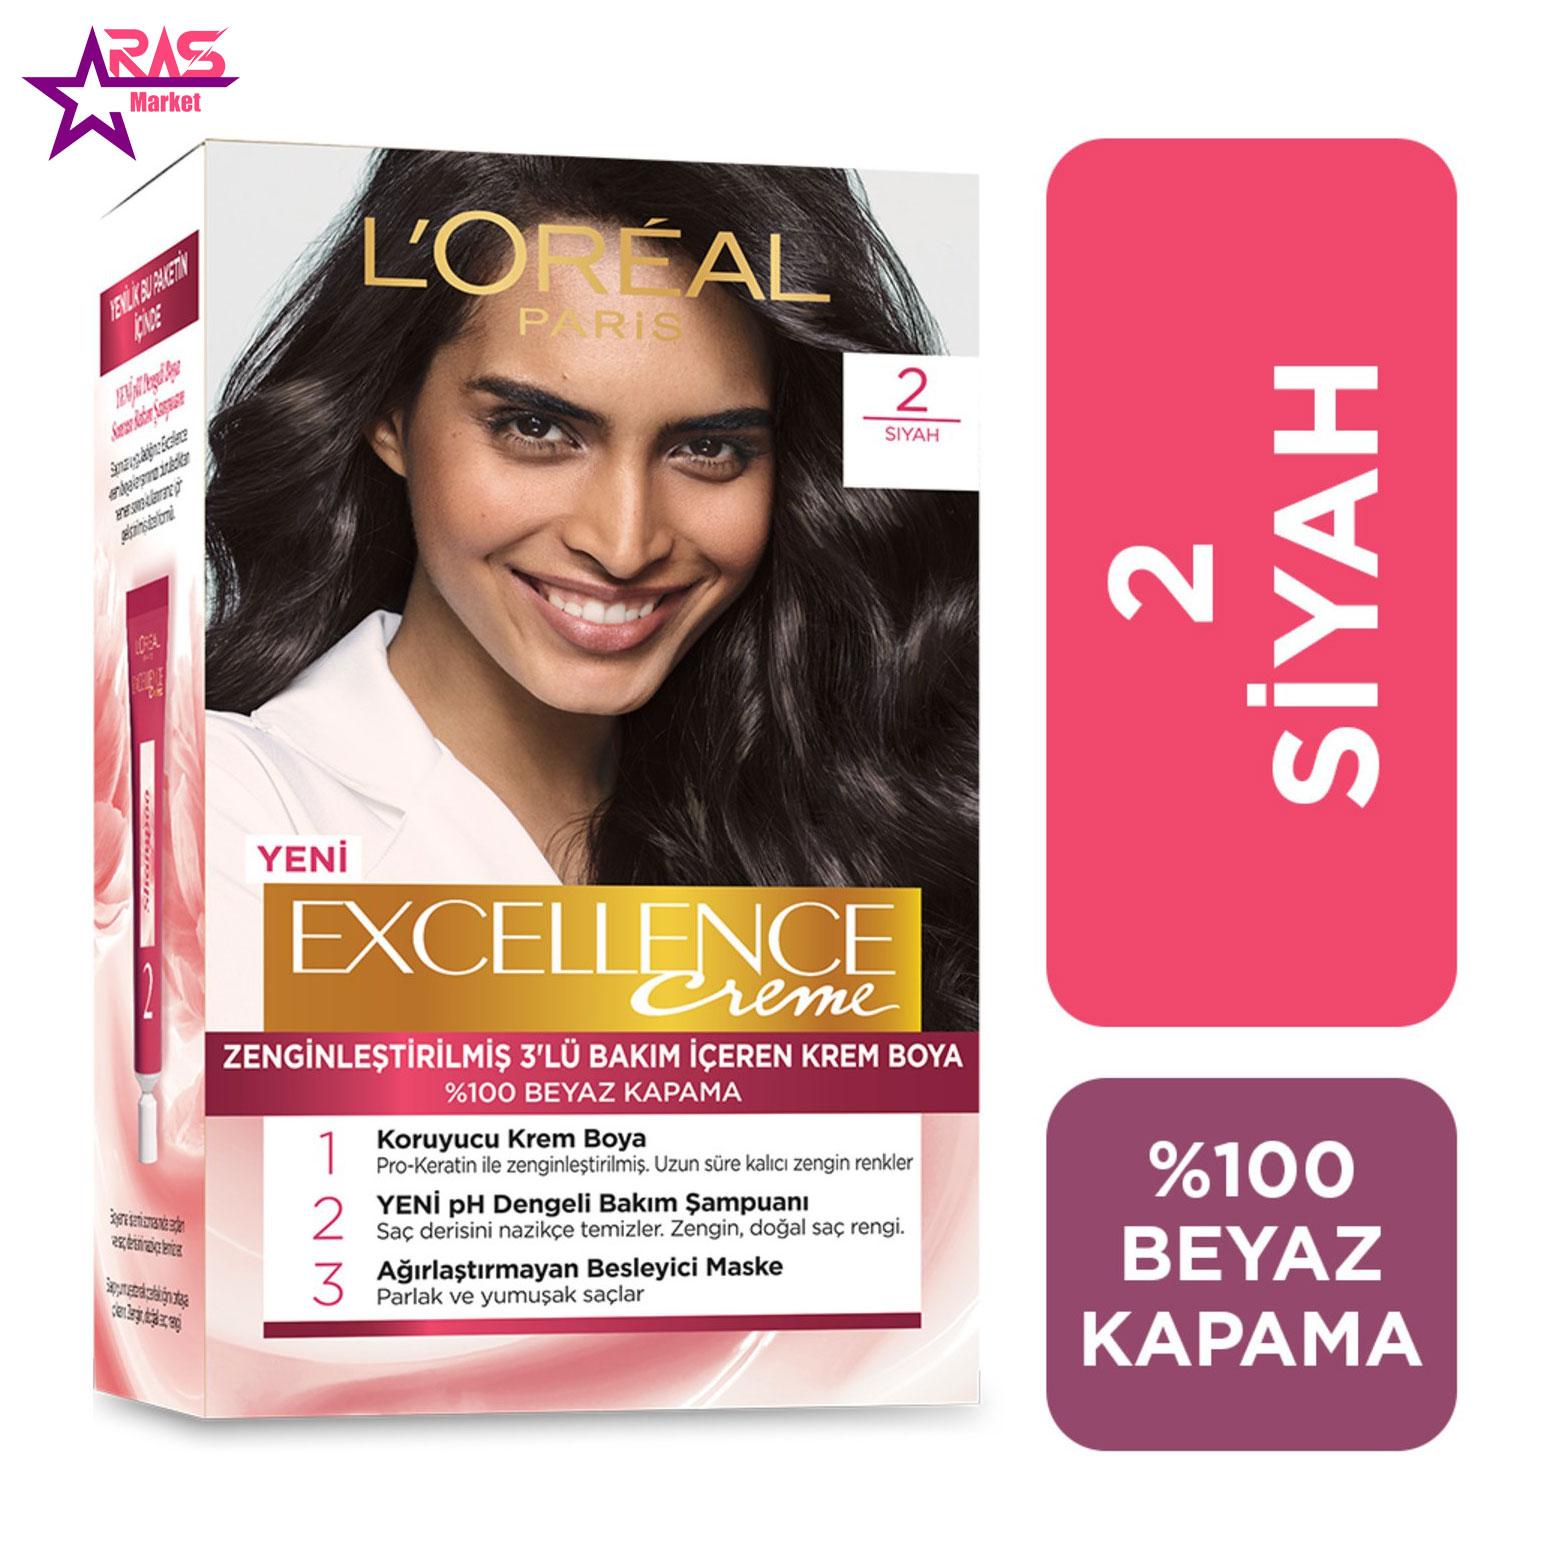 کیت رنگ مو لورآل سری Excellence شماره 2 ، فروشگاه اینترنتی ارس مارکت ، بهداشت بانوان